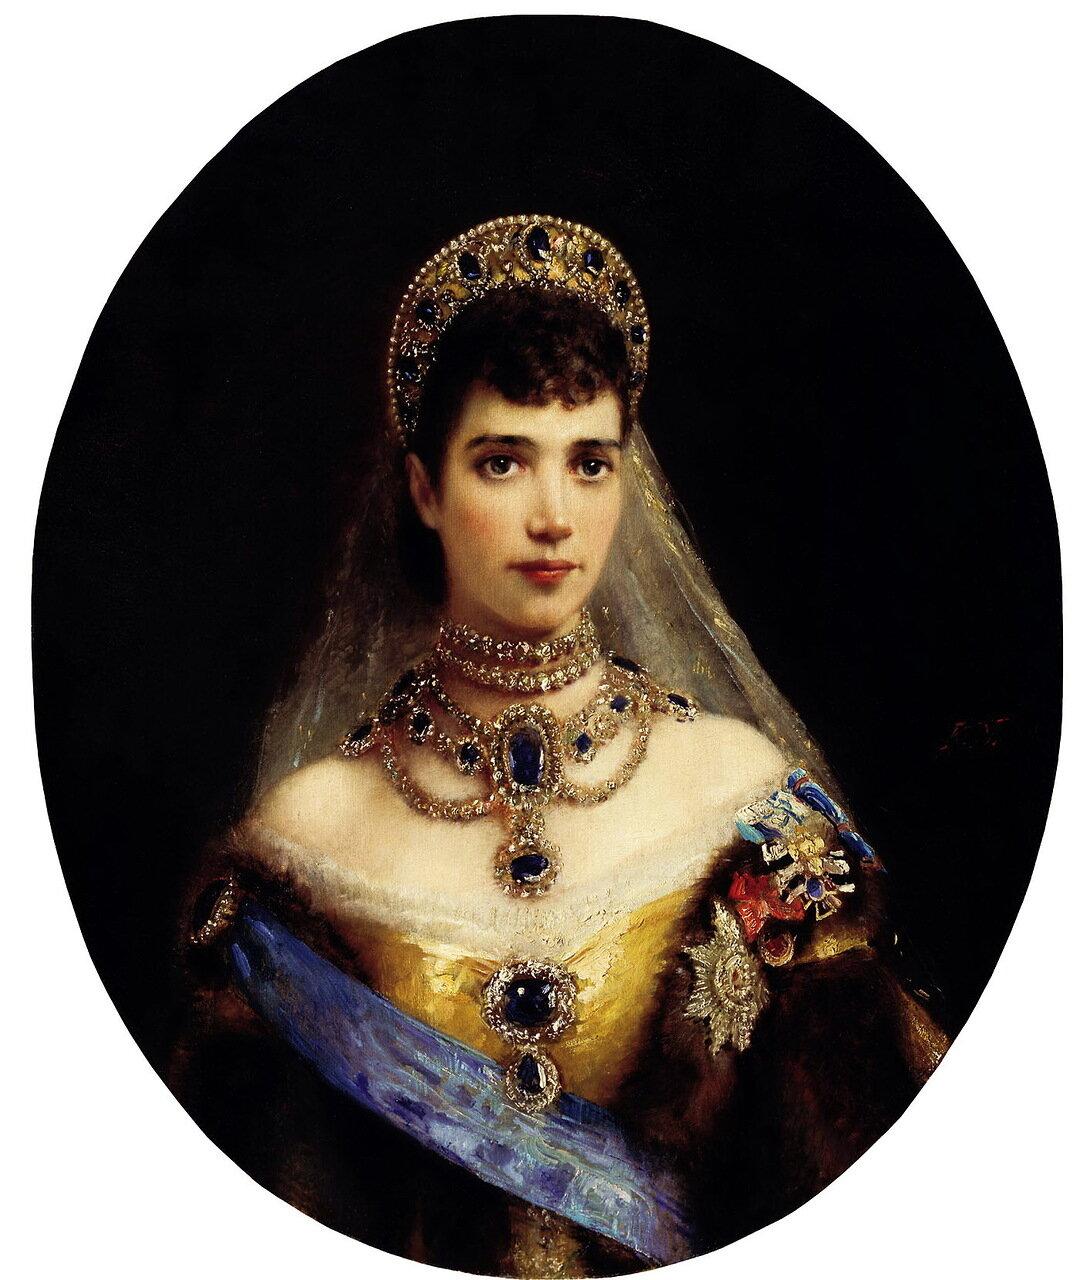 Константин Маковский (1839-1915). Портрет императрицы Марии Федоровны, жены Александра III